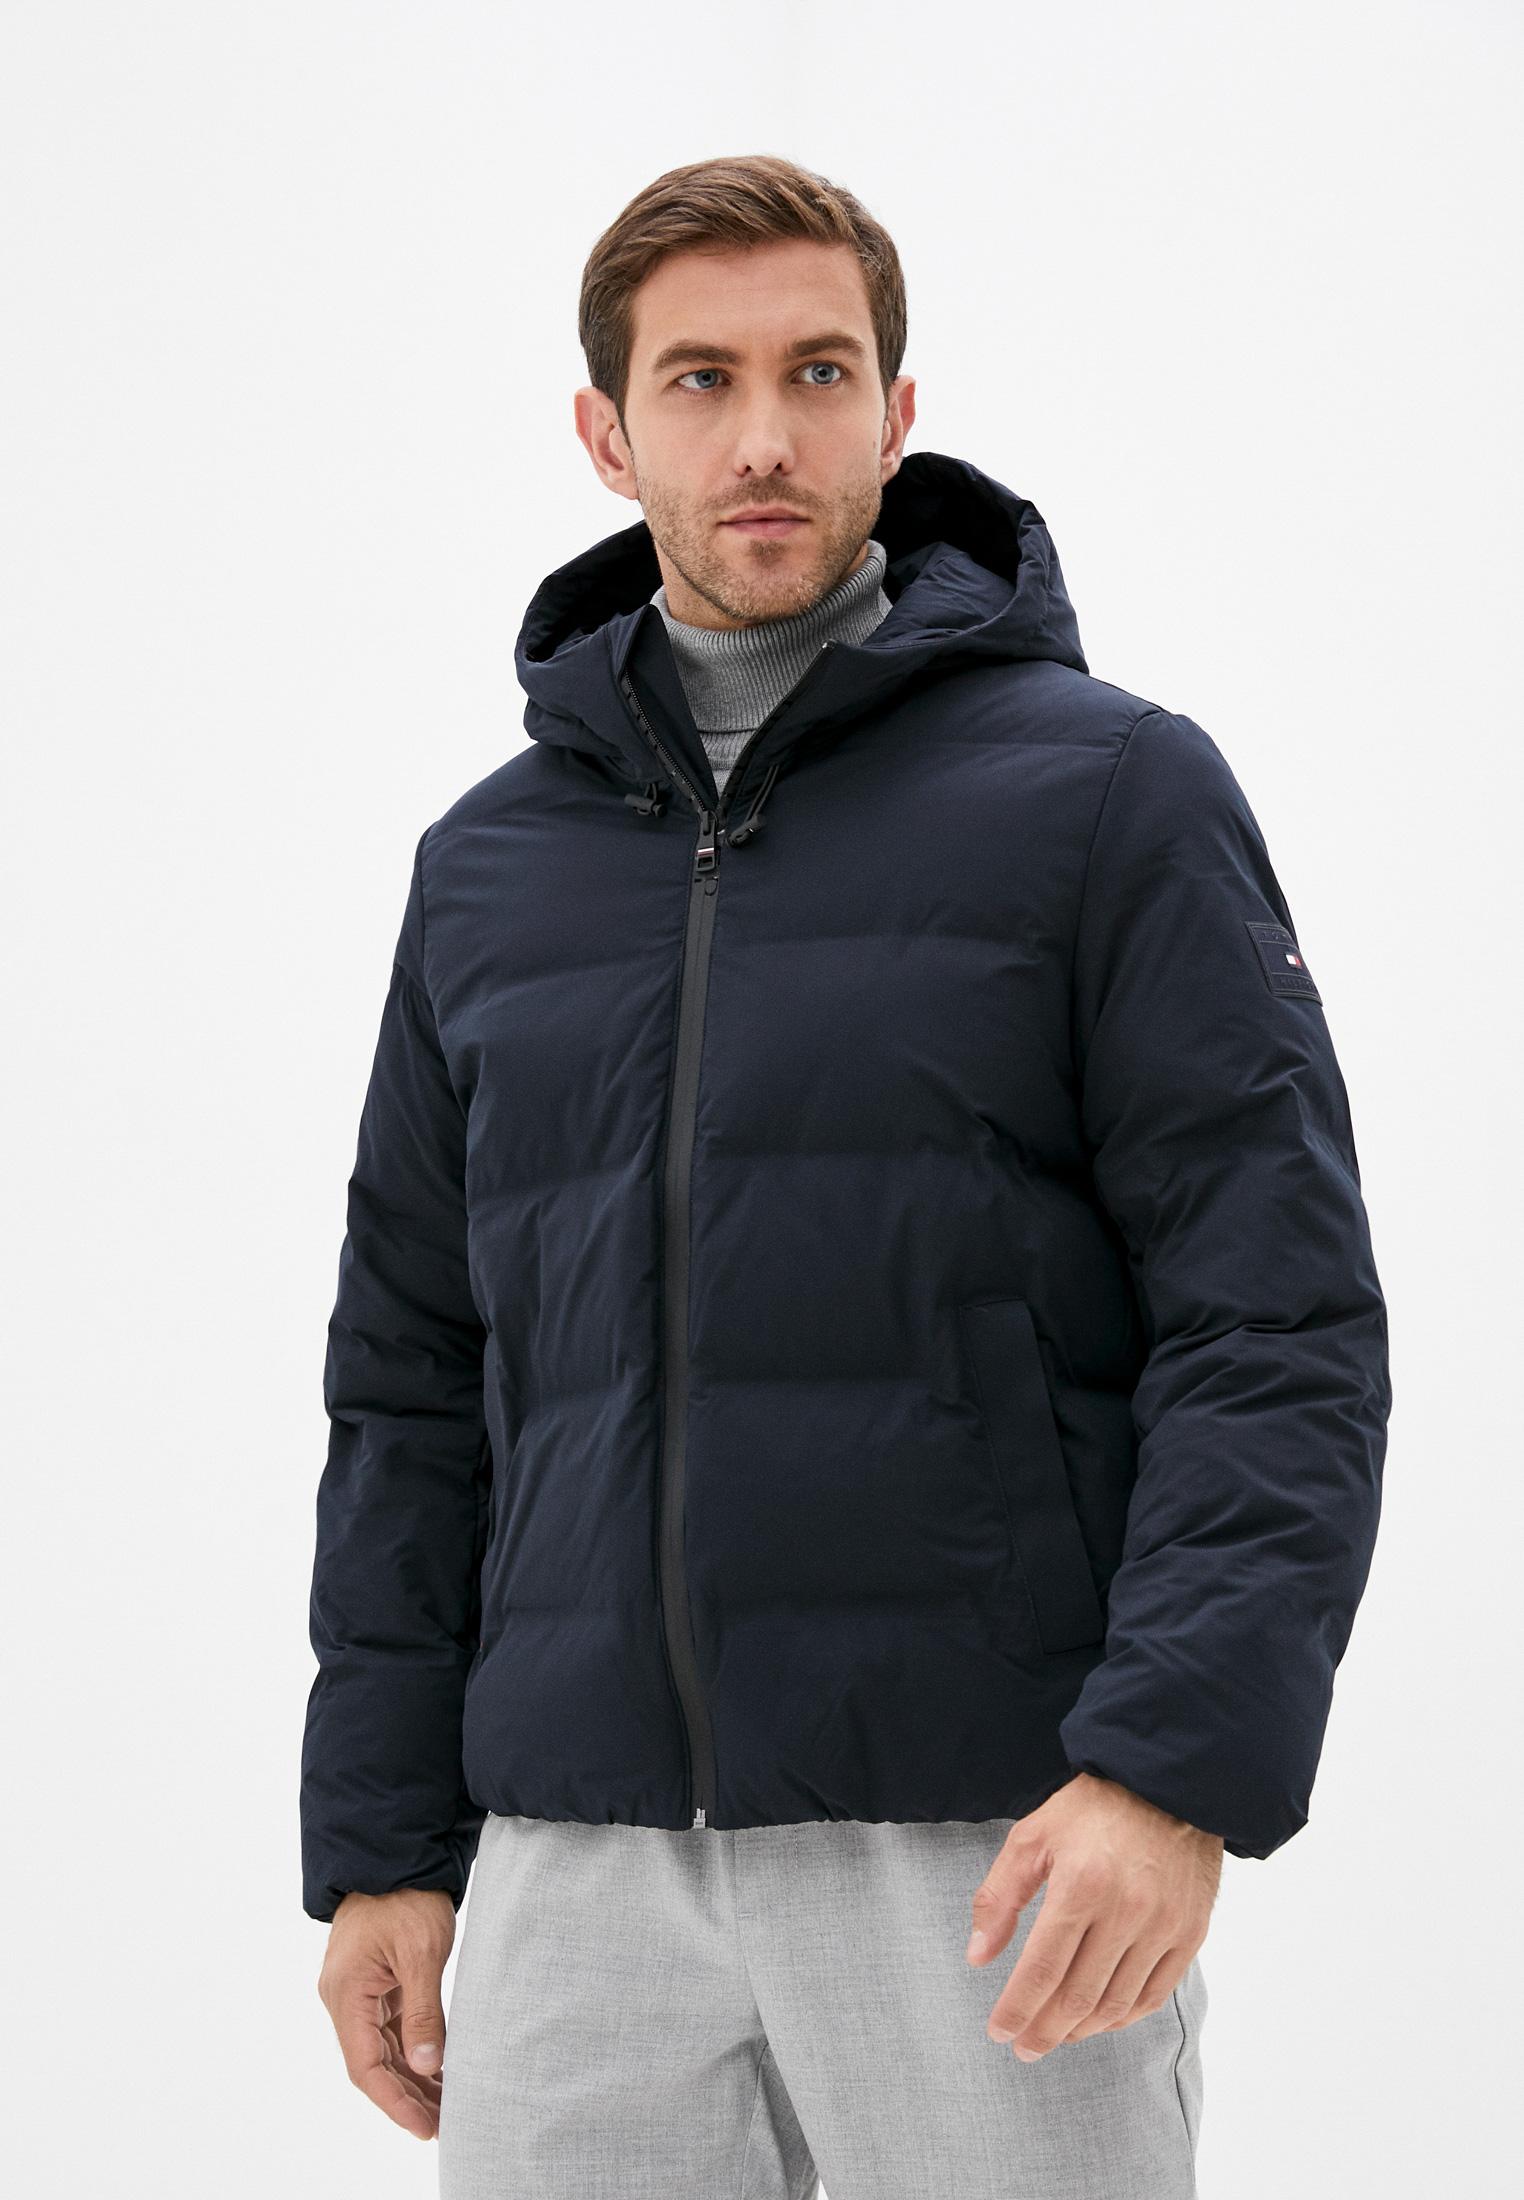 Утепленная куртка Tommy Hilfiger (Томми Хилфигер) Куртка утепленная Tommy Hilfiger